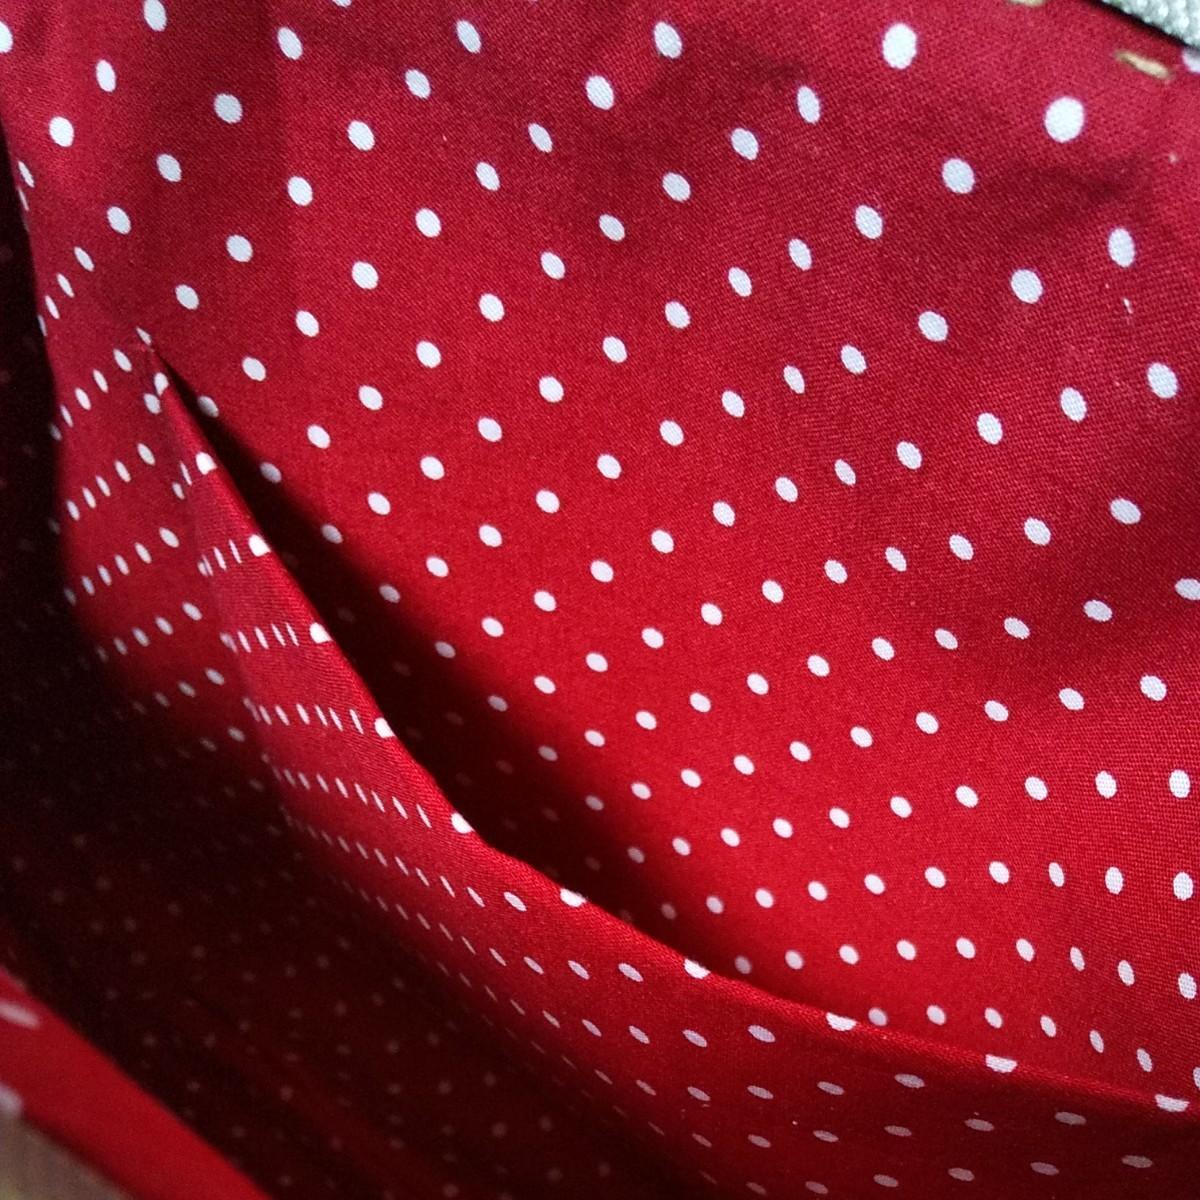 ハンドメイド 岡山デニムビッグがま口バッグとポーチ、がま口財布